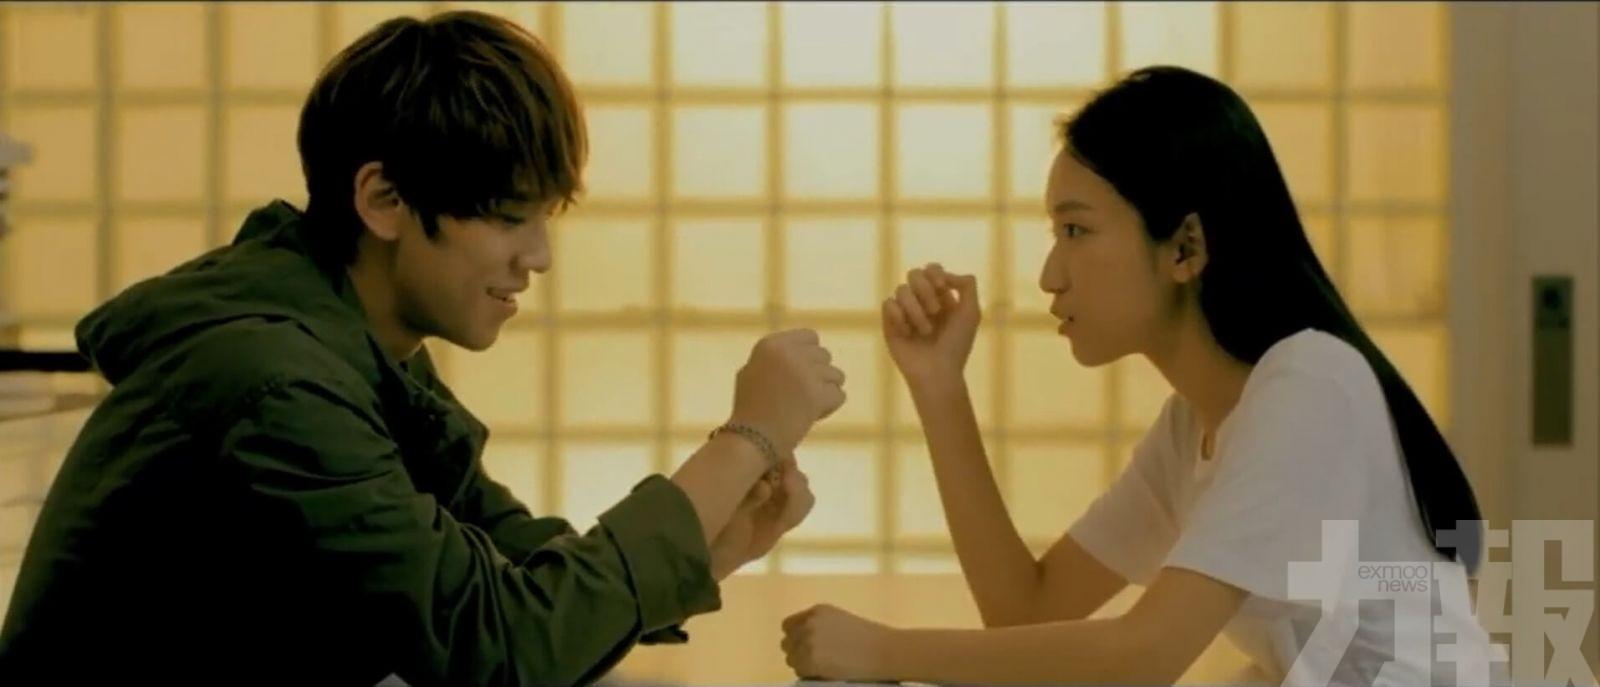 姜濤否認跟《Yolo》小花拍拖